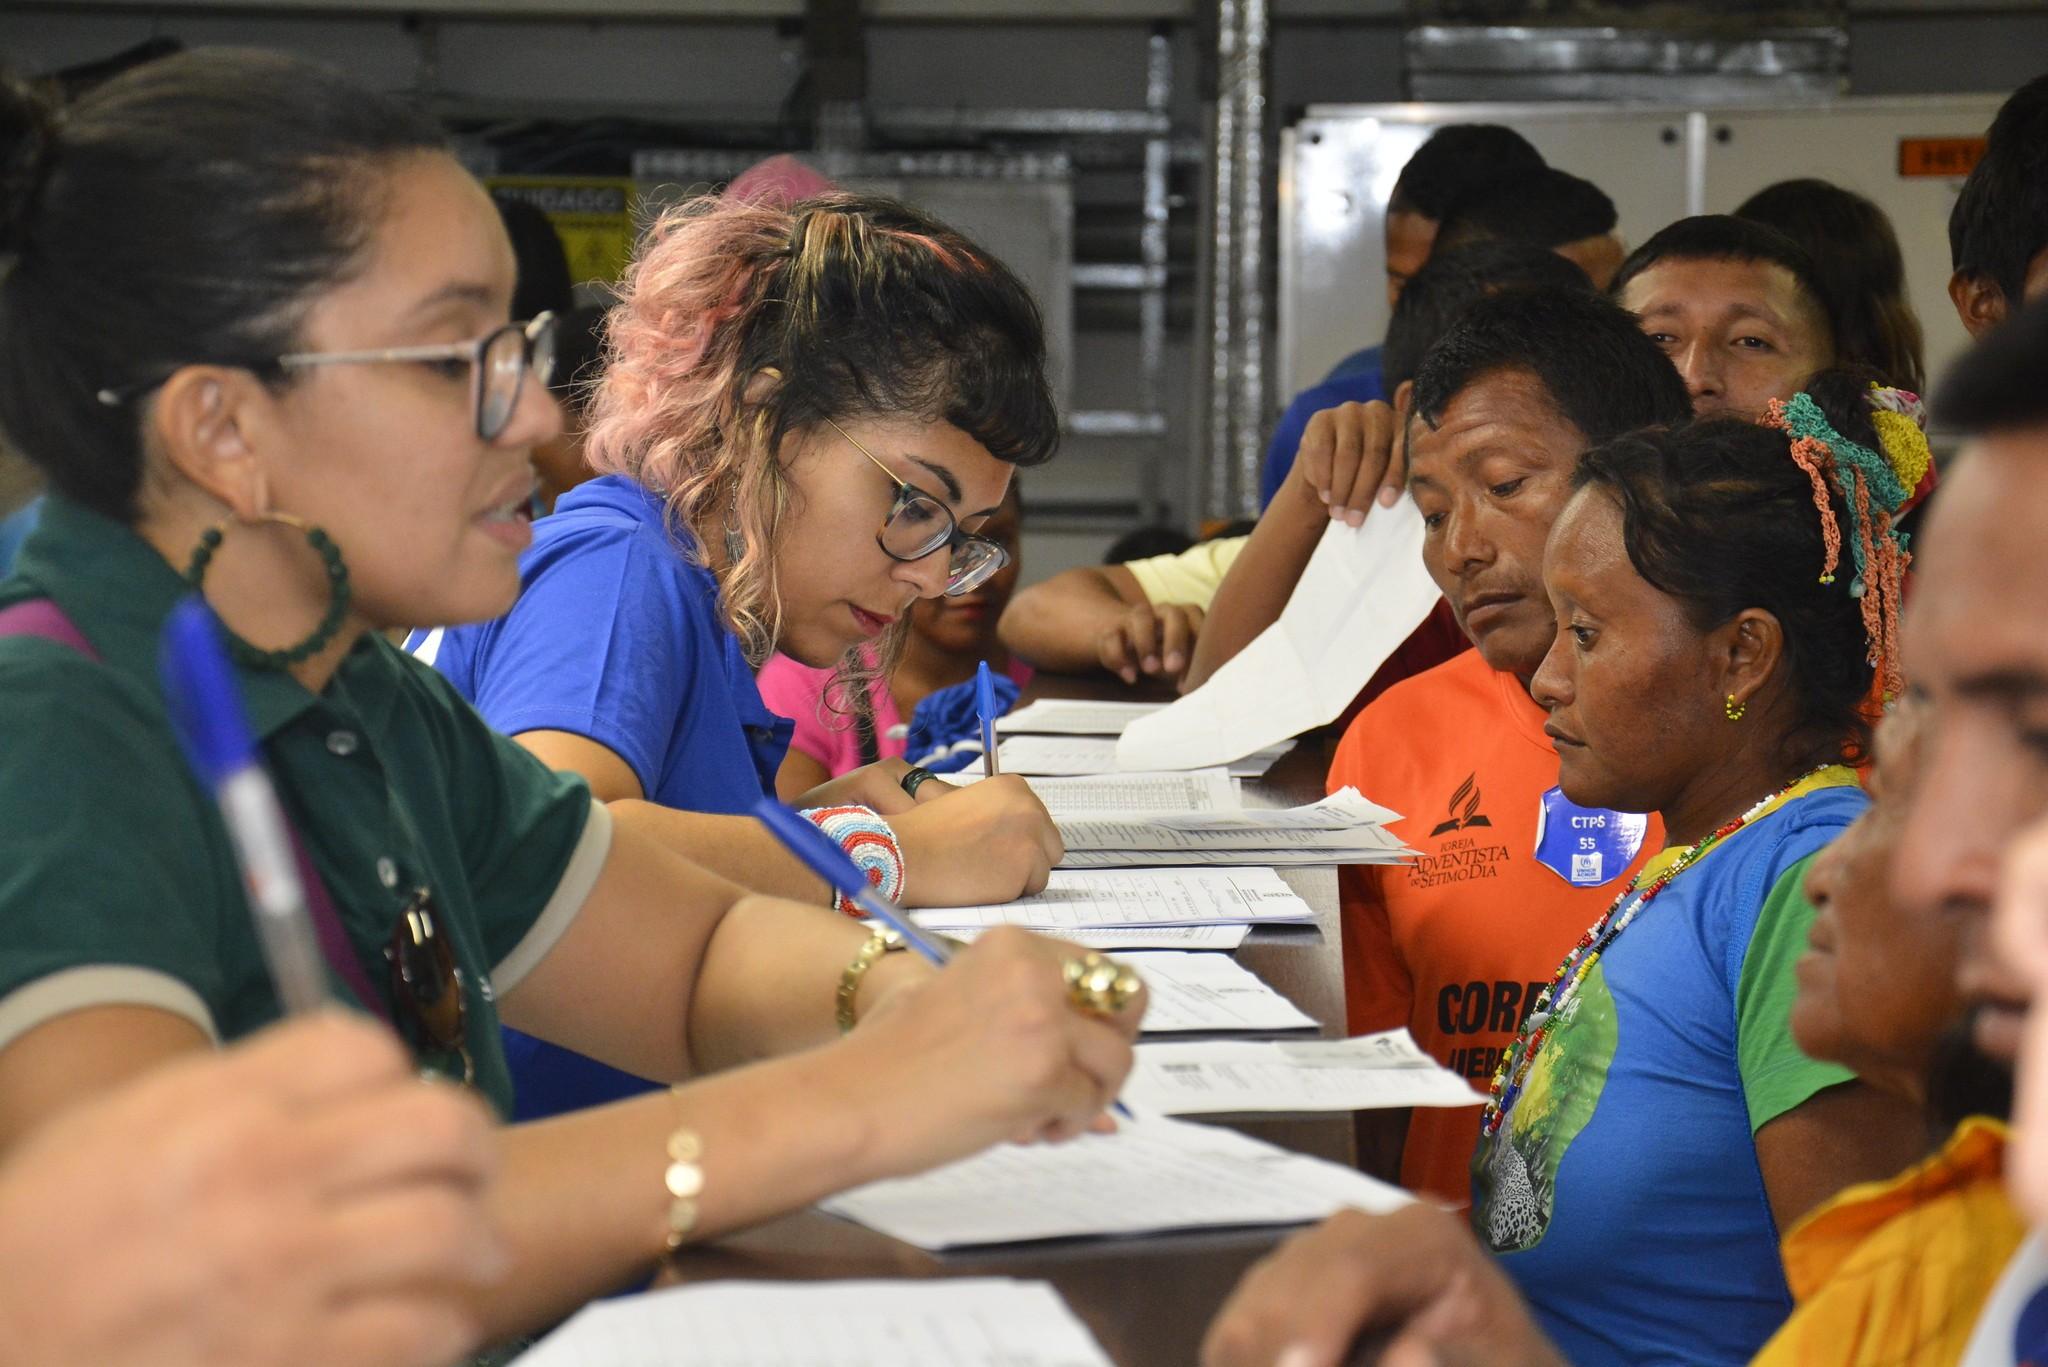 Indígenas Warao são atendidos em ação de cidadania em Manaus - Notícias - Plantão Diário